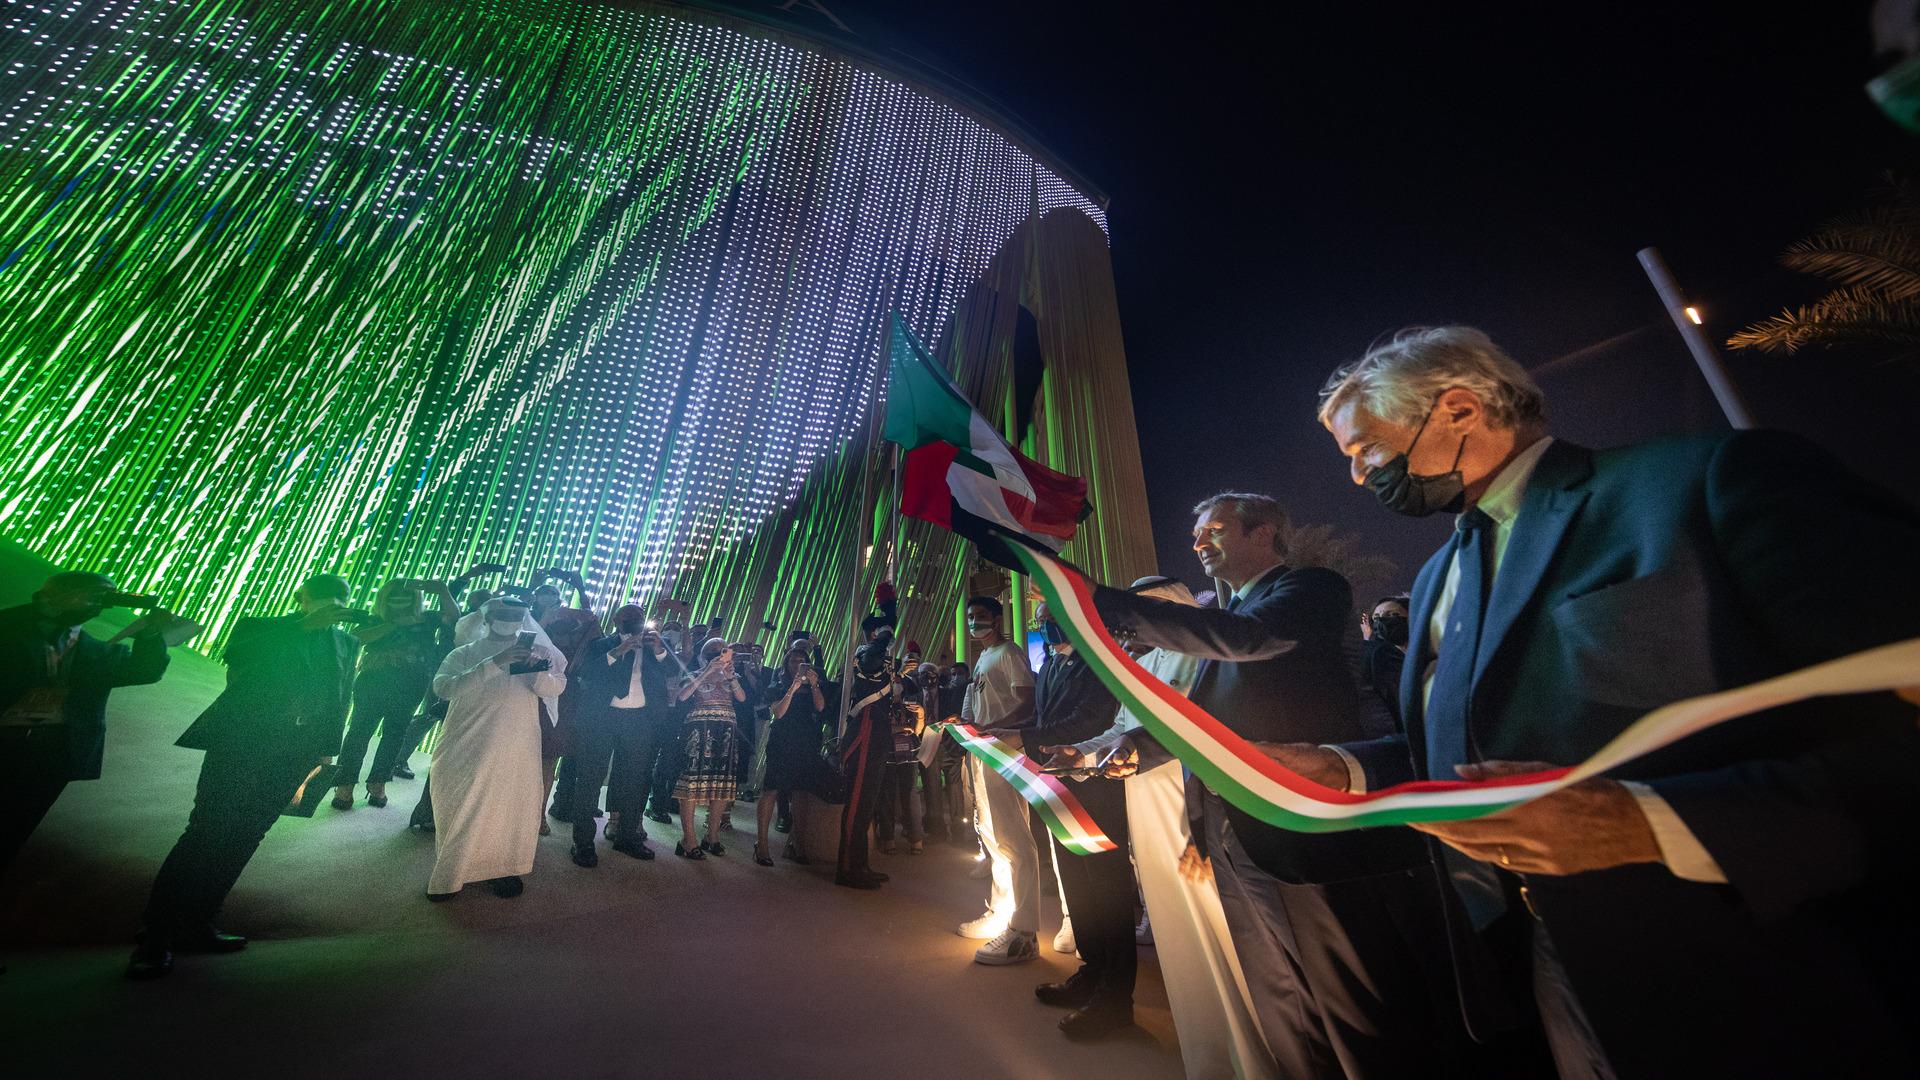 L'ASI a Expo 2020 Dubai